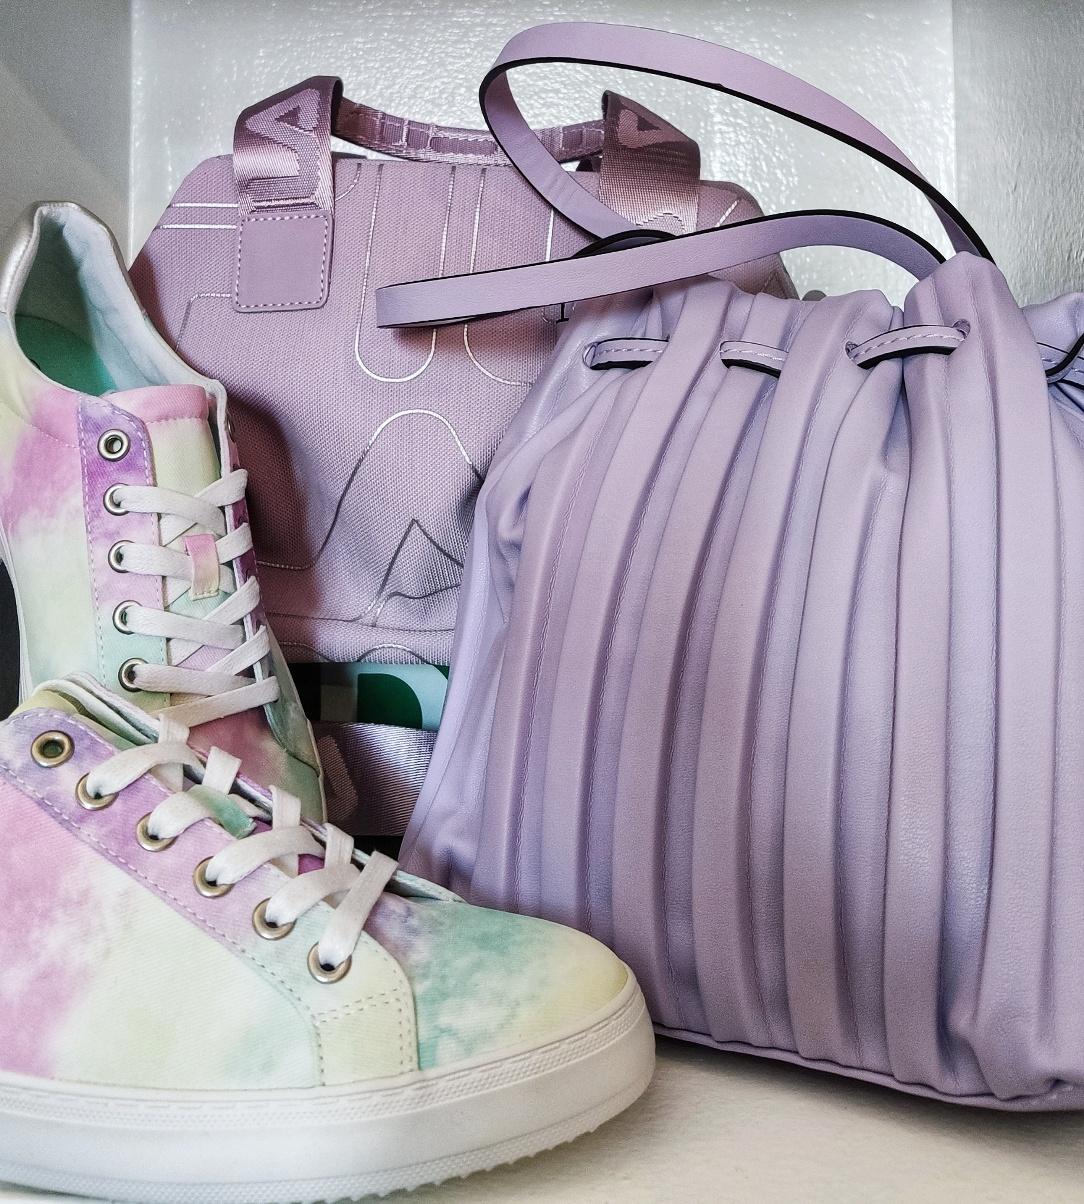 scarpe deichmann da comprare